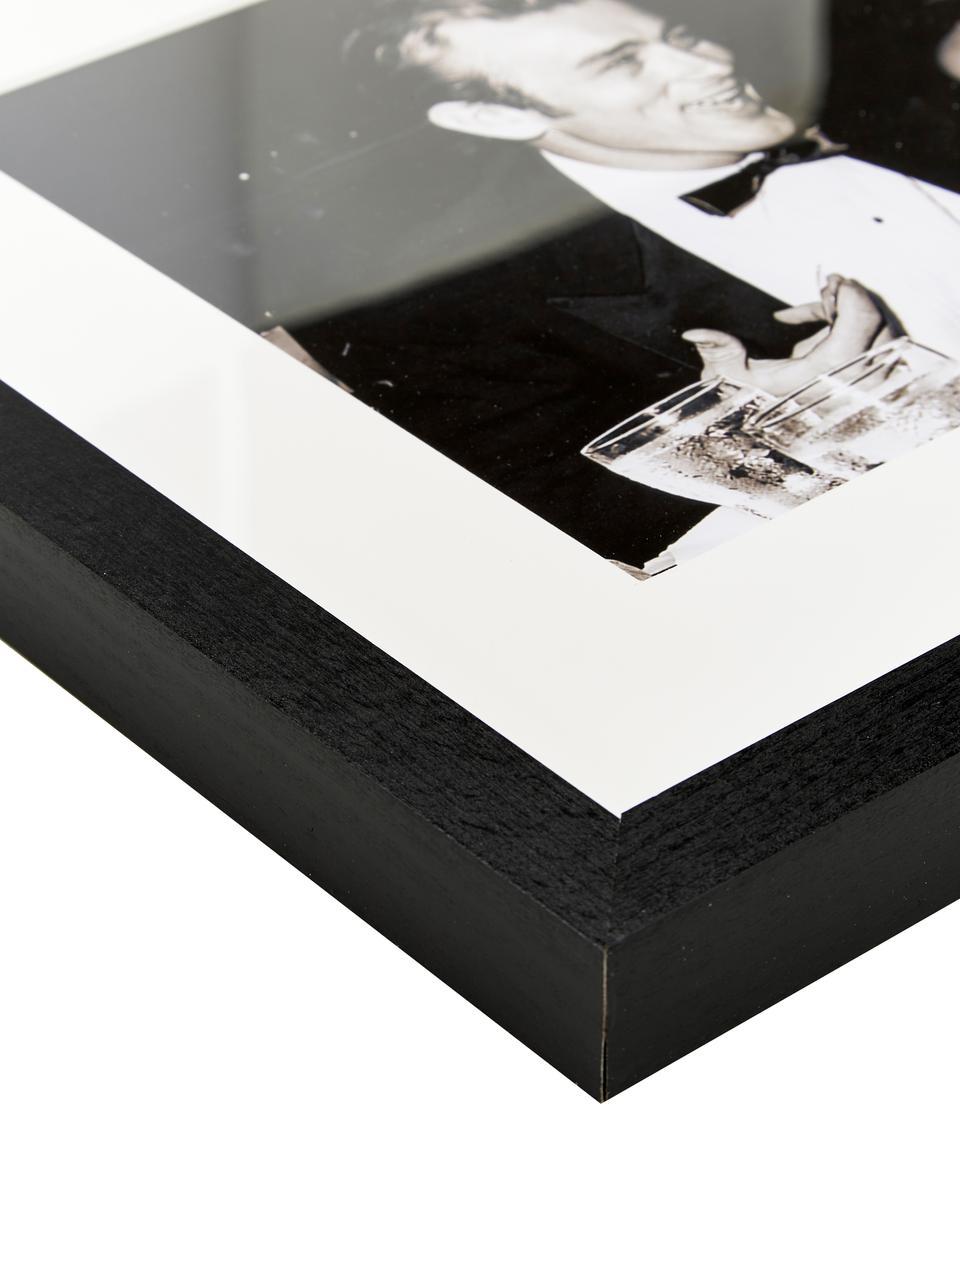 Stampa fotografica incorniciata Pier Abgeli e James Dean, Immagine: stampa digitale su carta, Cornice: legno di faggio verniciat, Immagine: Sepia Cornice: nero, Larg. 43 x Alt. 33 cm